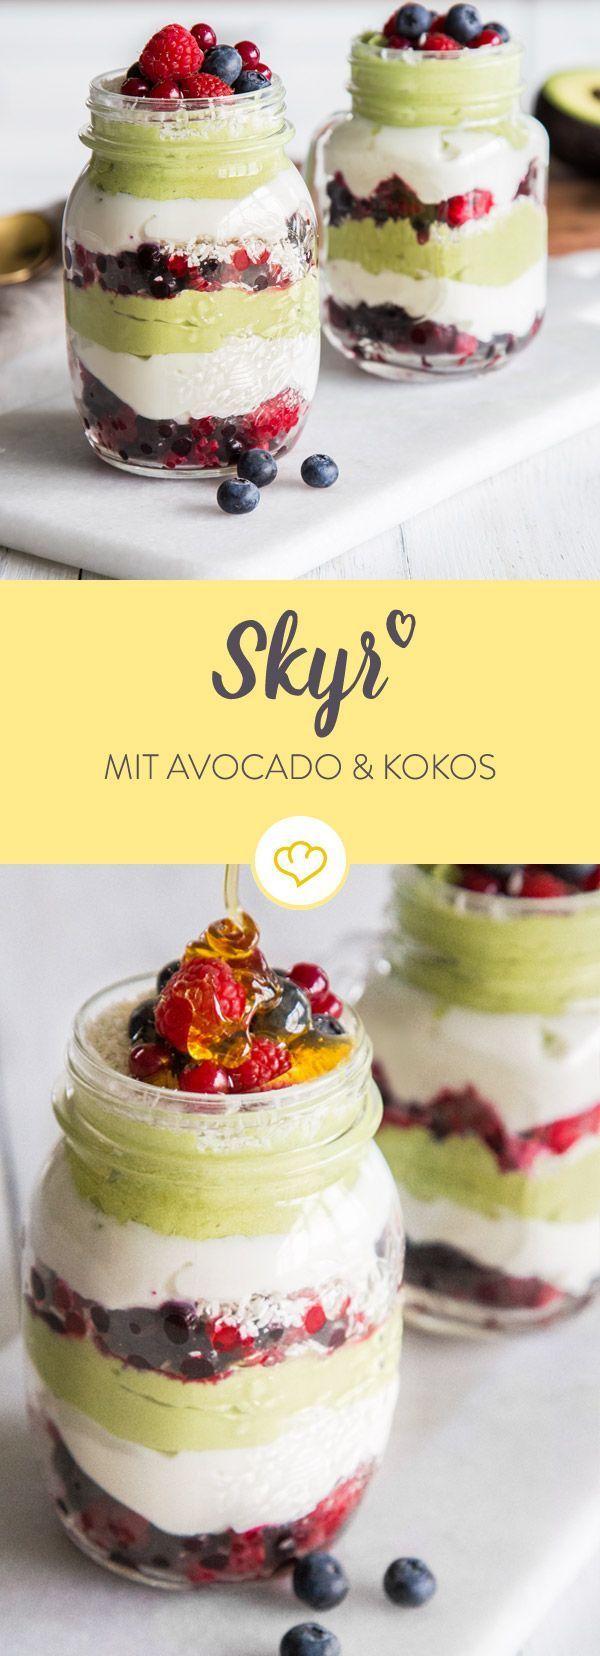 Sie möchten Ihren Tag fit beginnen? Mit der Mischung aus Avocado-Mousse, Skyr …   – Food